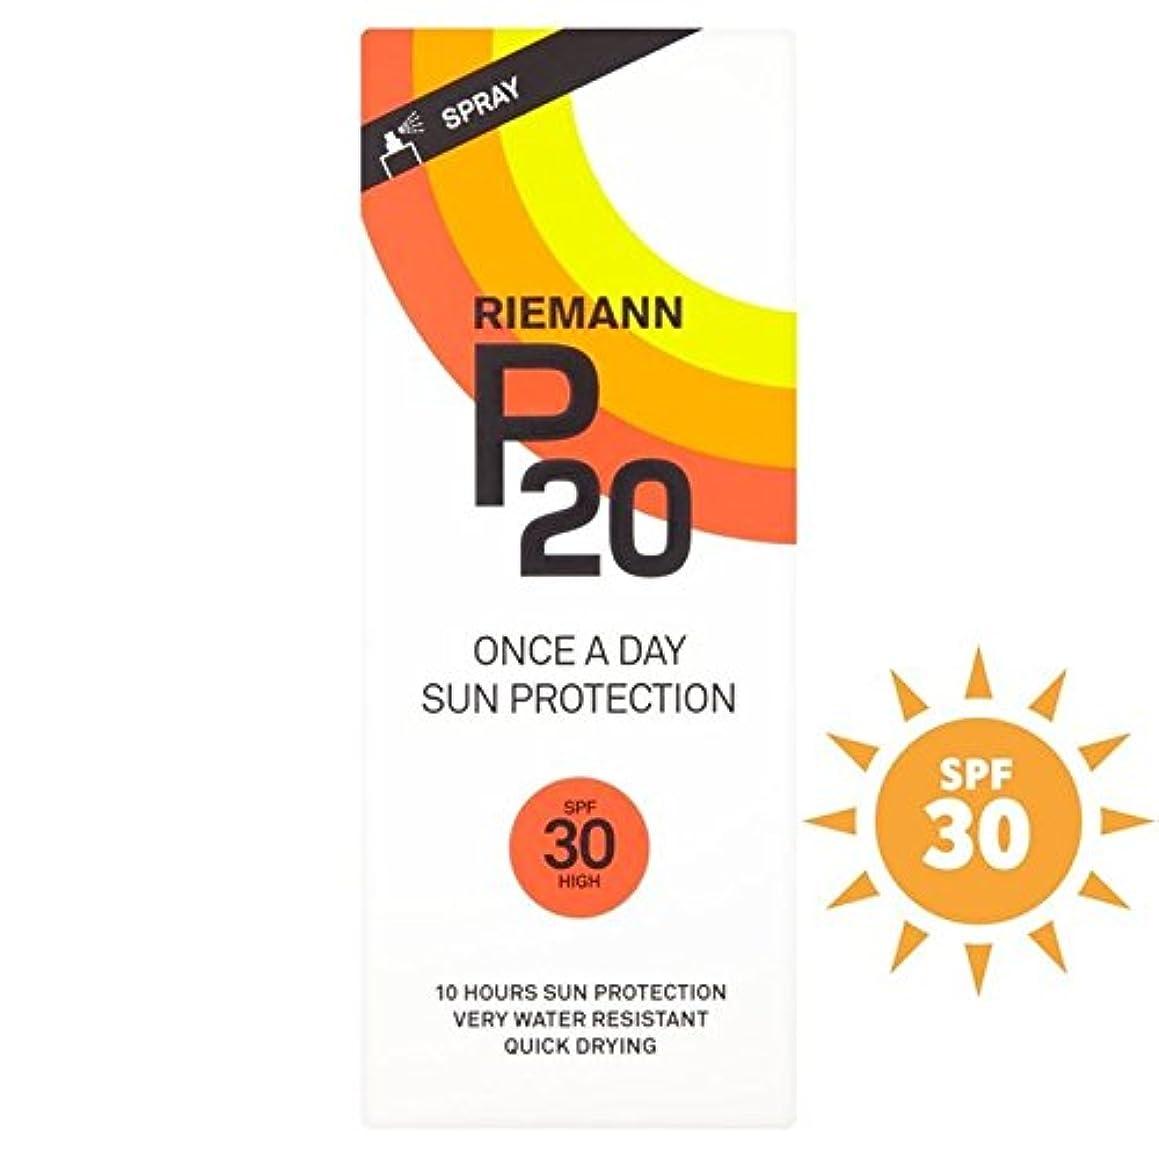 スロー復活郵便局リーマン20 30 1日/ 10時間の保護200ミリリットル x2 - Riemann P20 SPF30 1 Day/10 Hour Protection 200ml (Pack of 2) [並行輸入品]